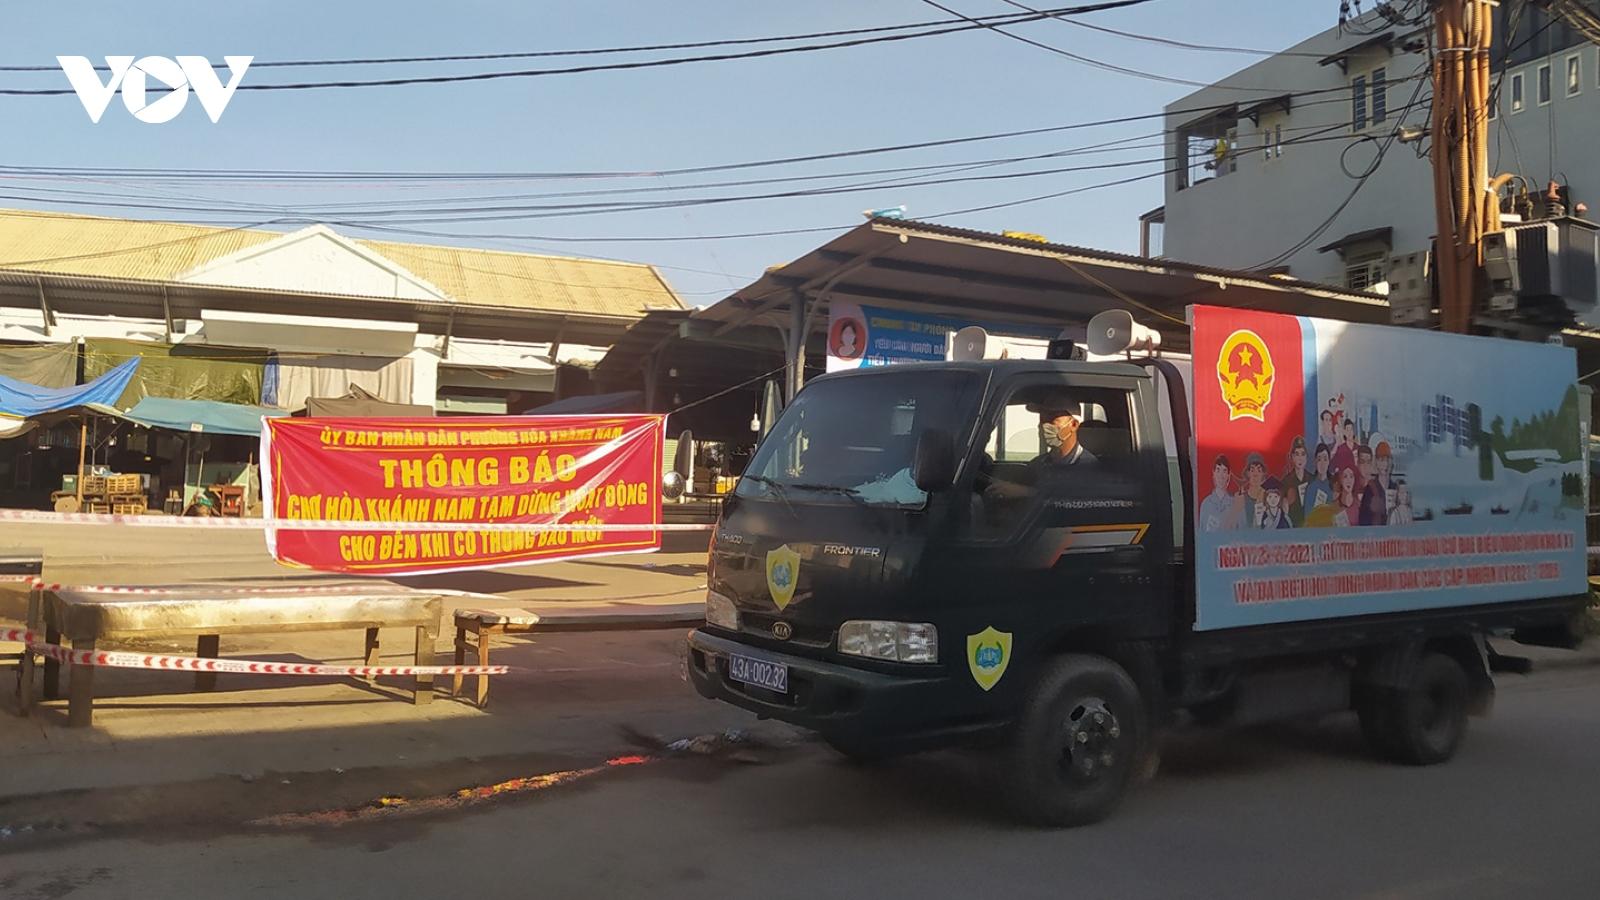 Đà Nẵngtạm dừng hoạt động, phun khử khuẩn chợ Hòa Khánh Nam